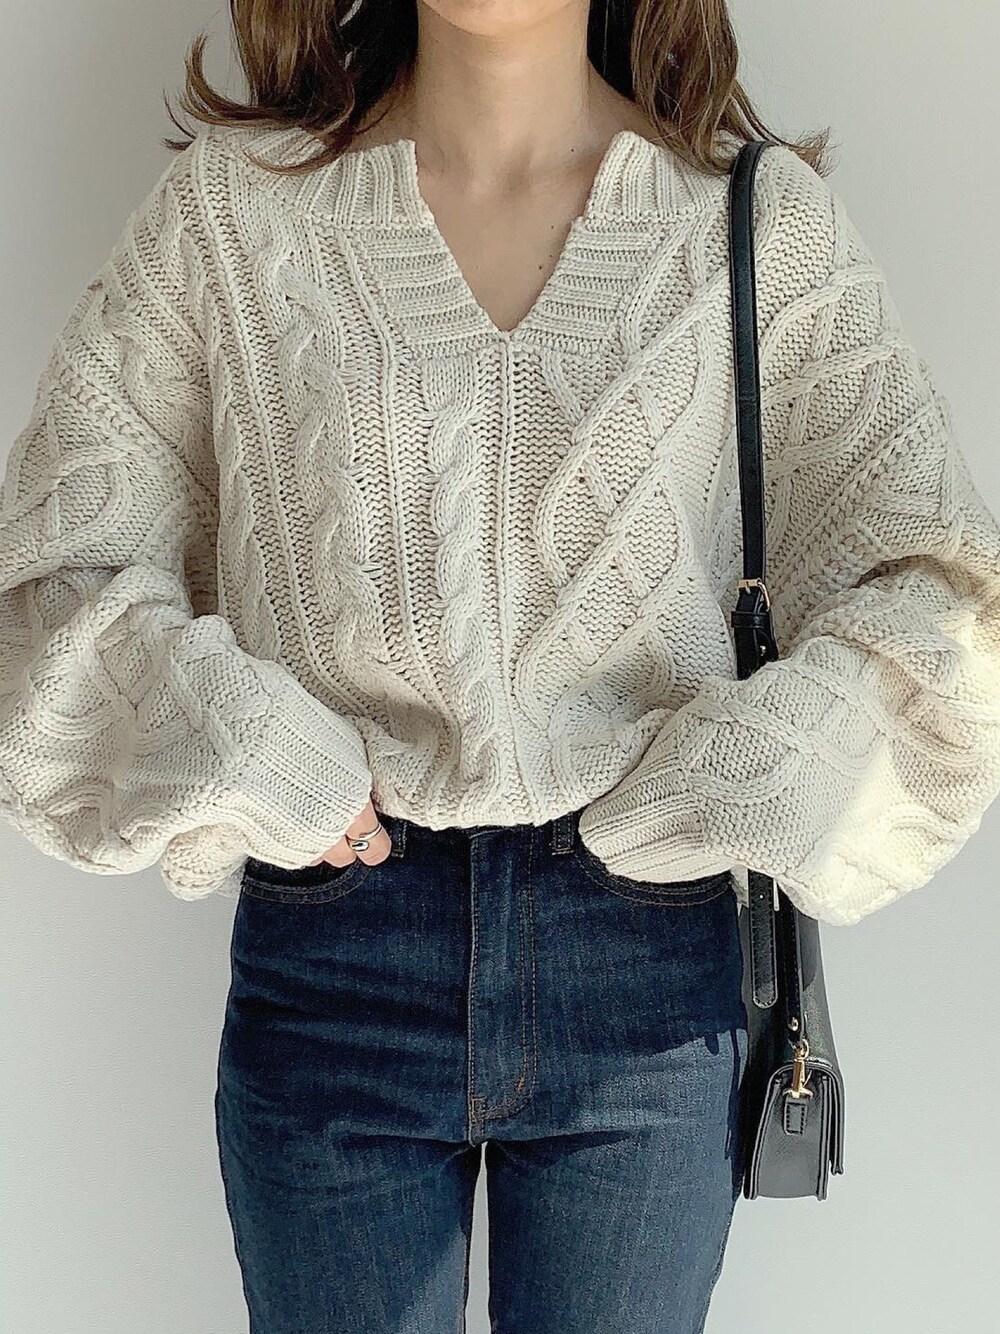 10月ママコーデ 服装 秋 ファッション ニット